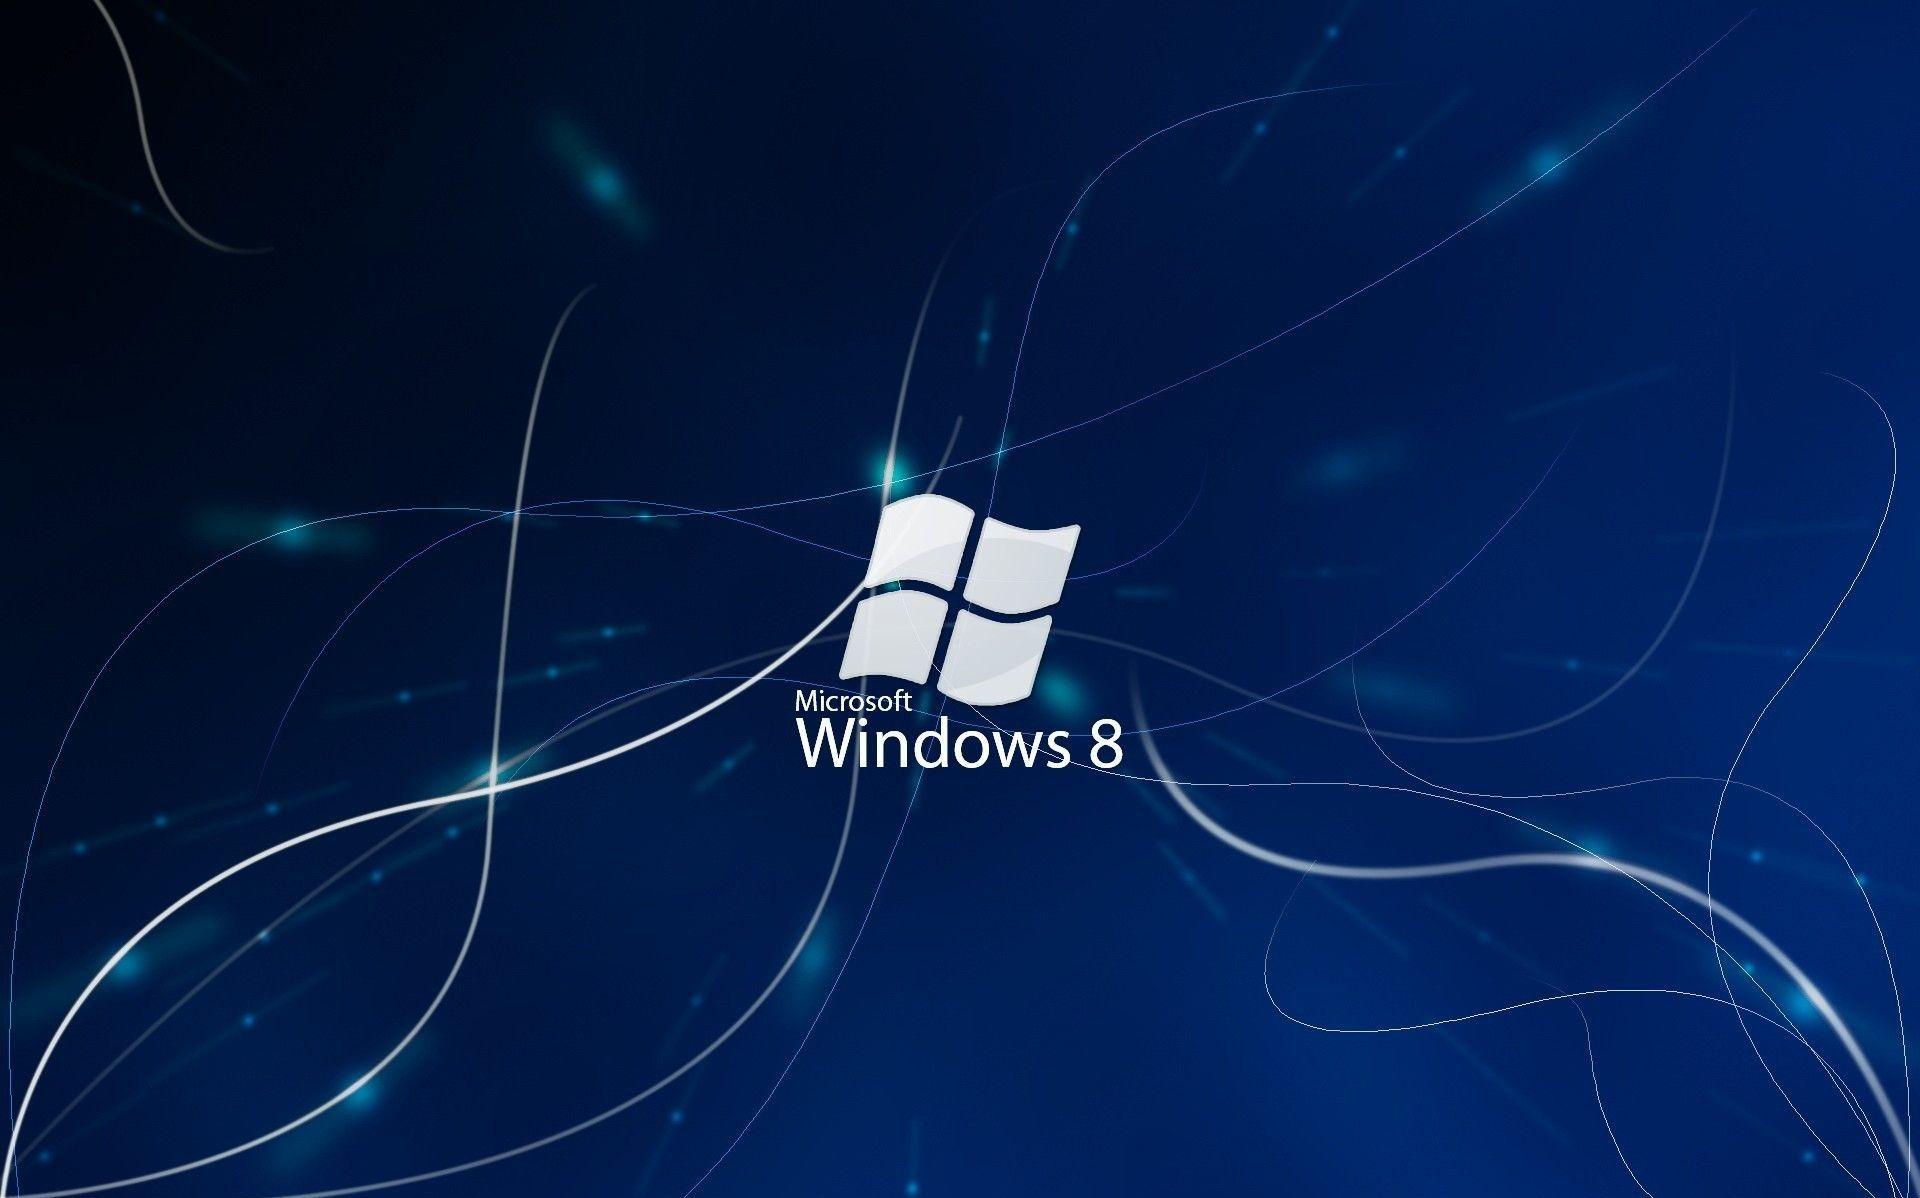 Best Laptop Windows 8 Pics In 4k Ultra Hd - Windows 10 - HD Wallpaper